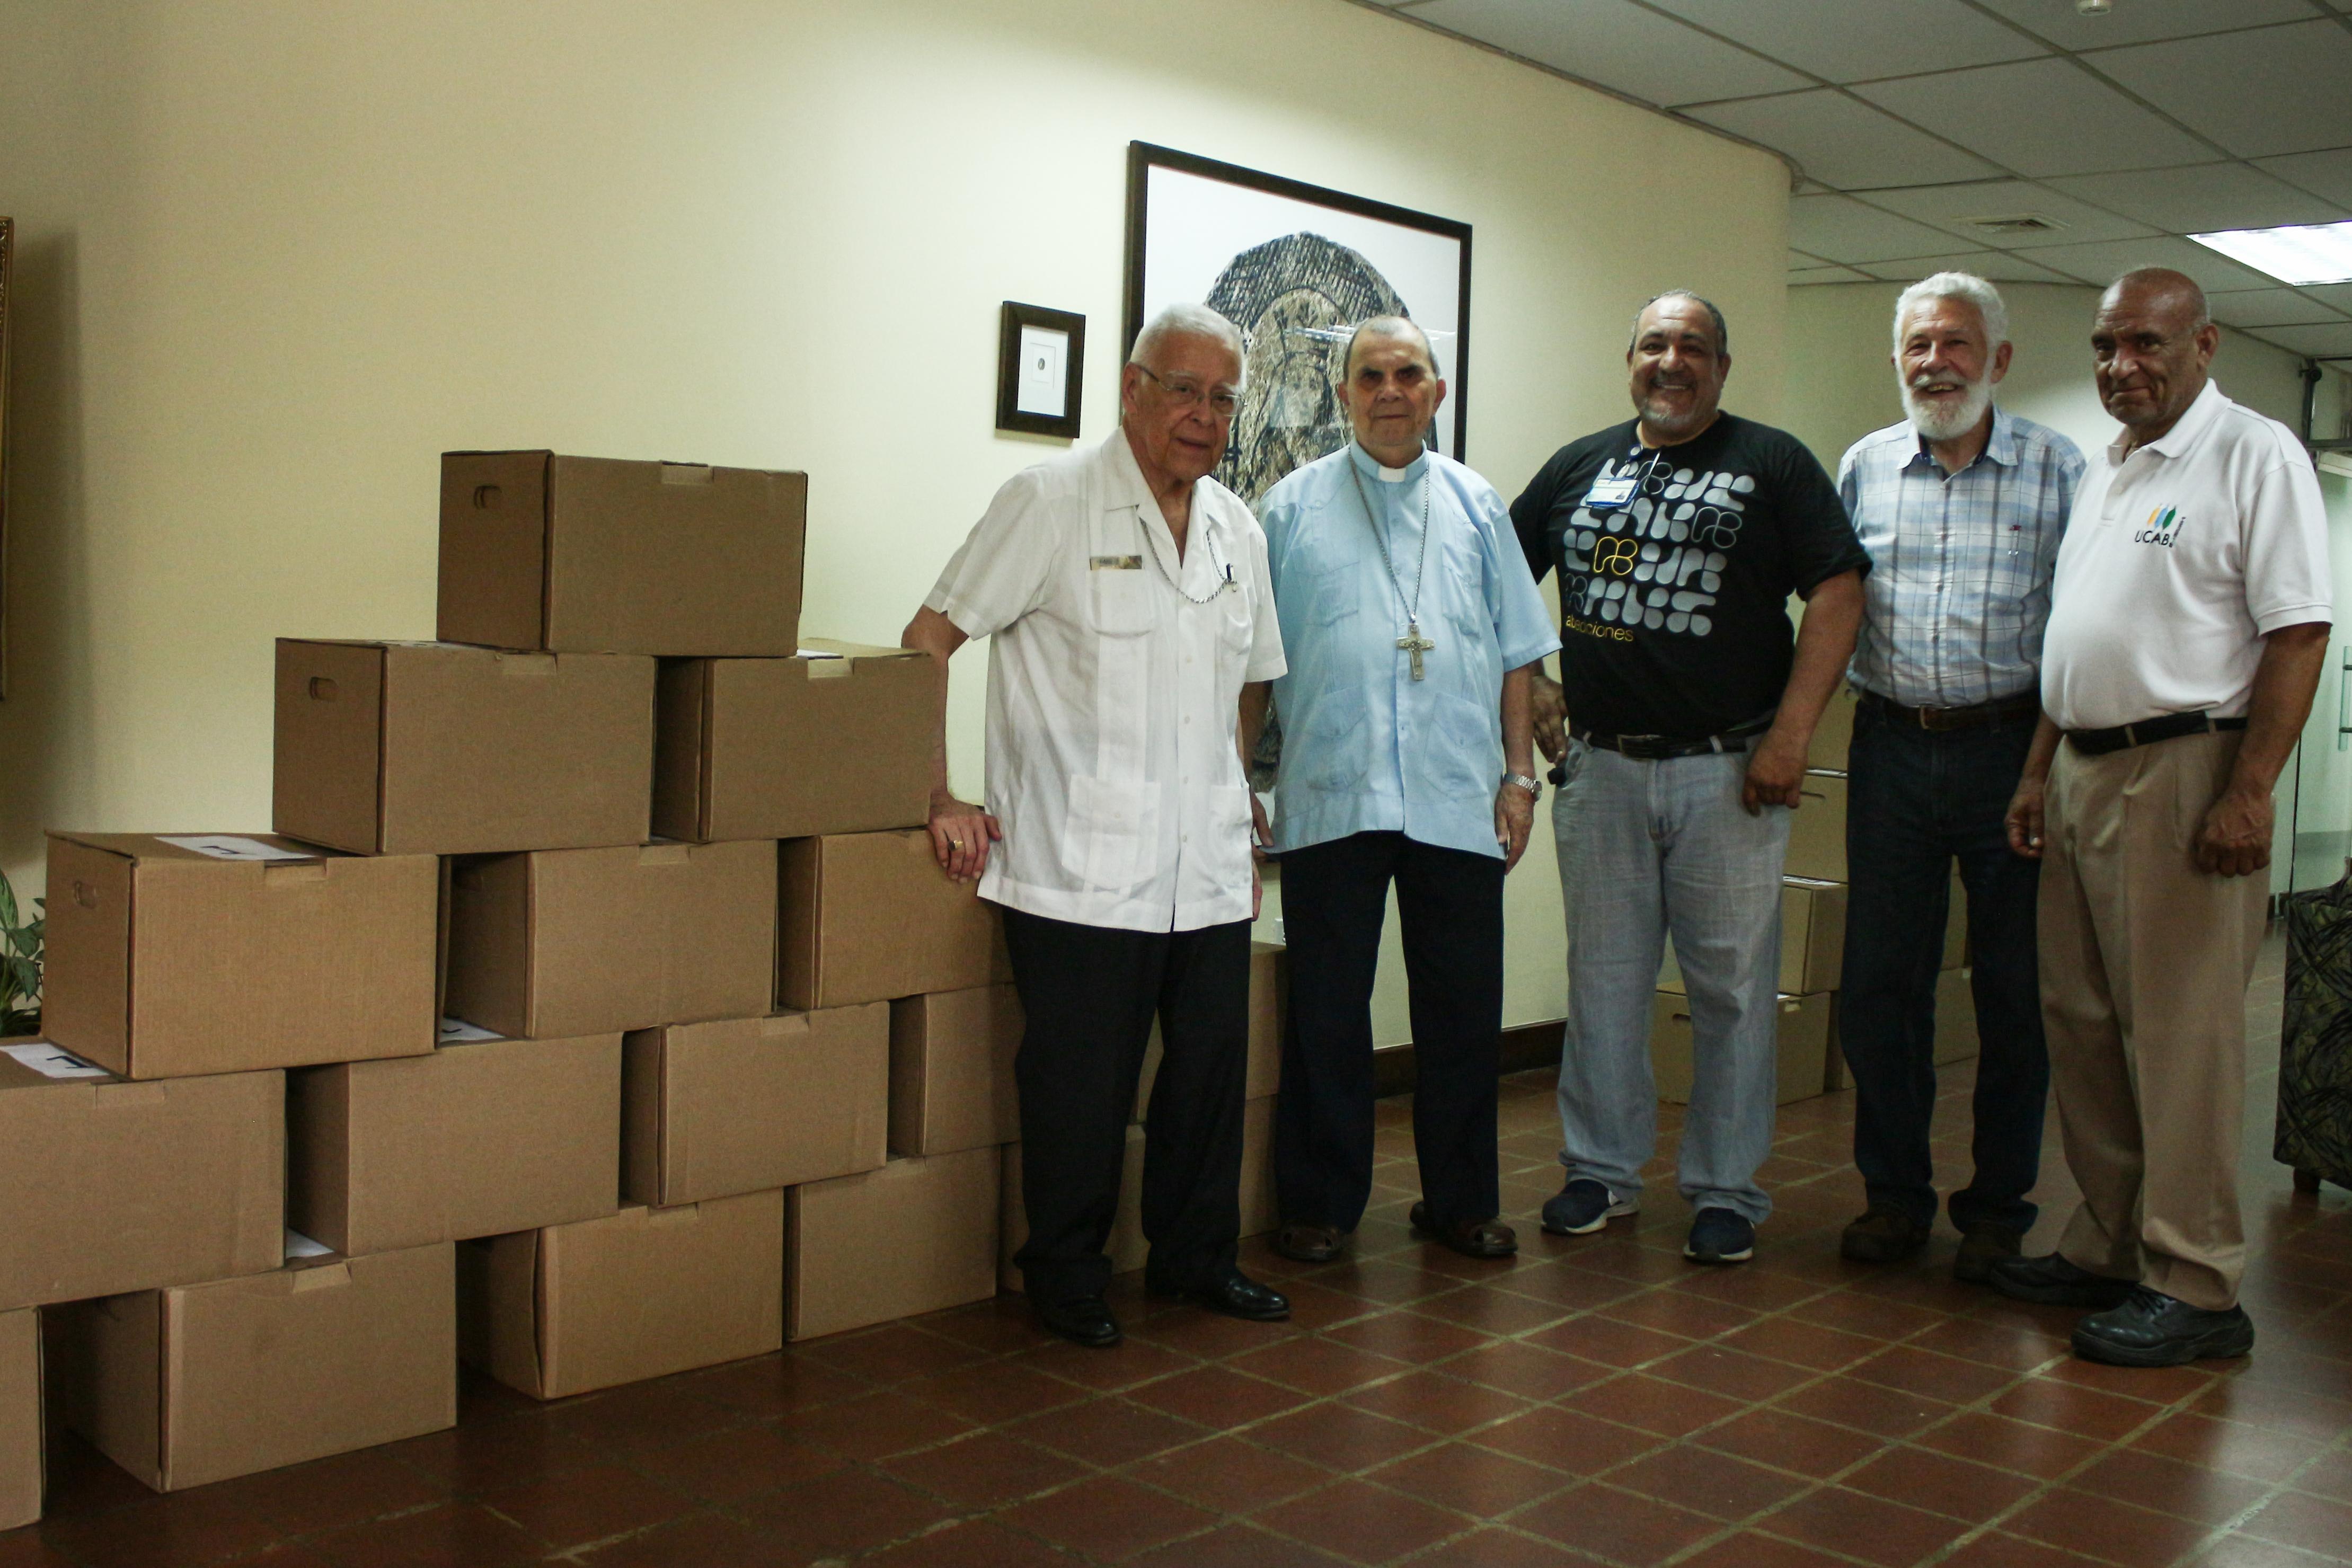 Abediciones donó más de 2.000 libros a la Conferencia Episcopal Venezolana